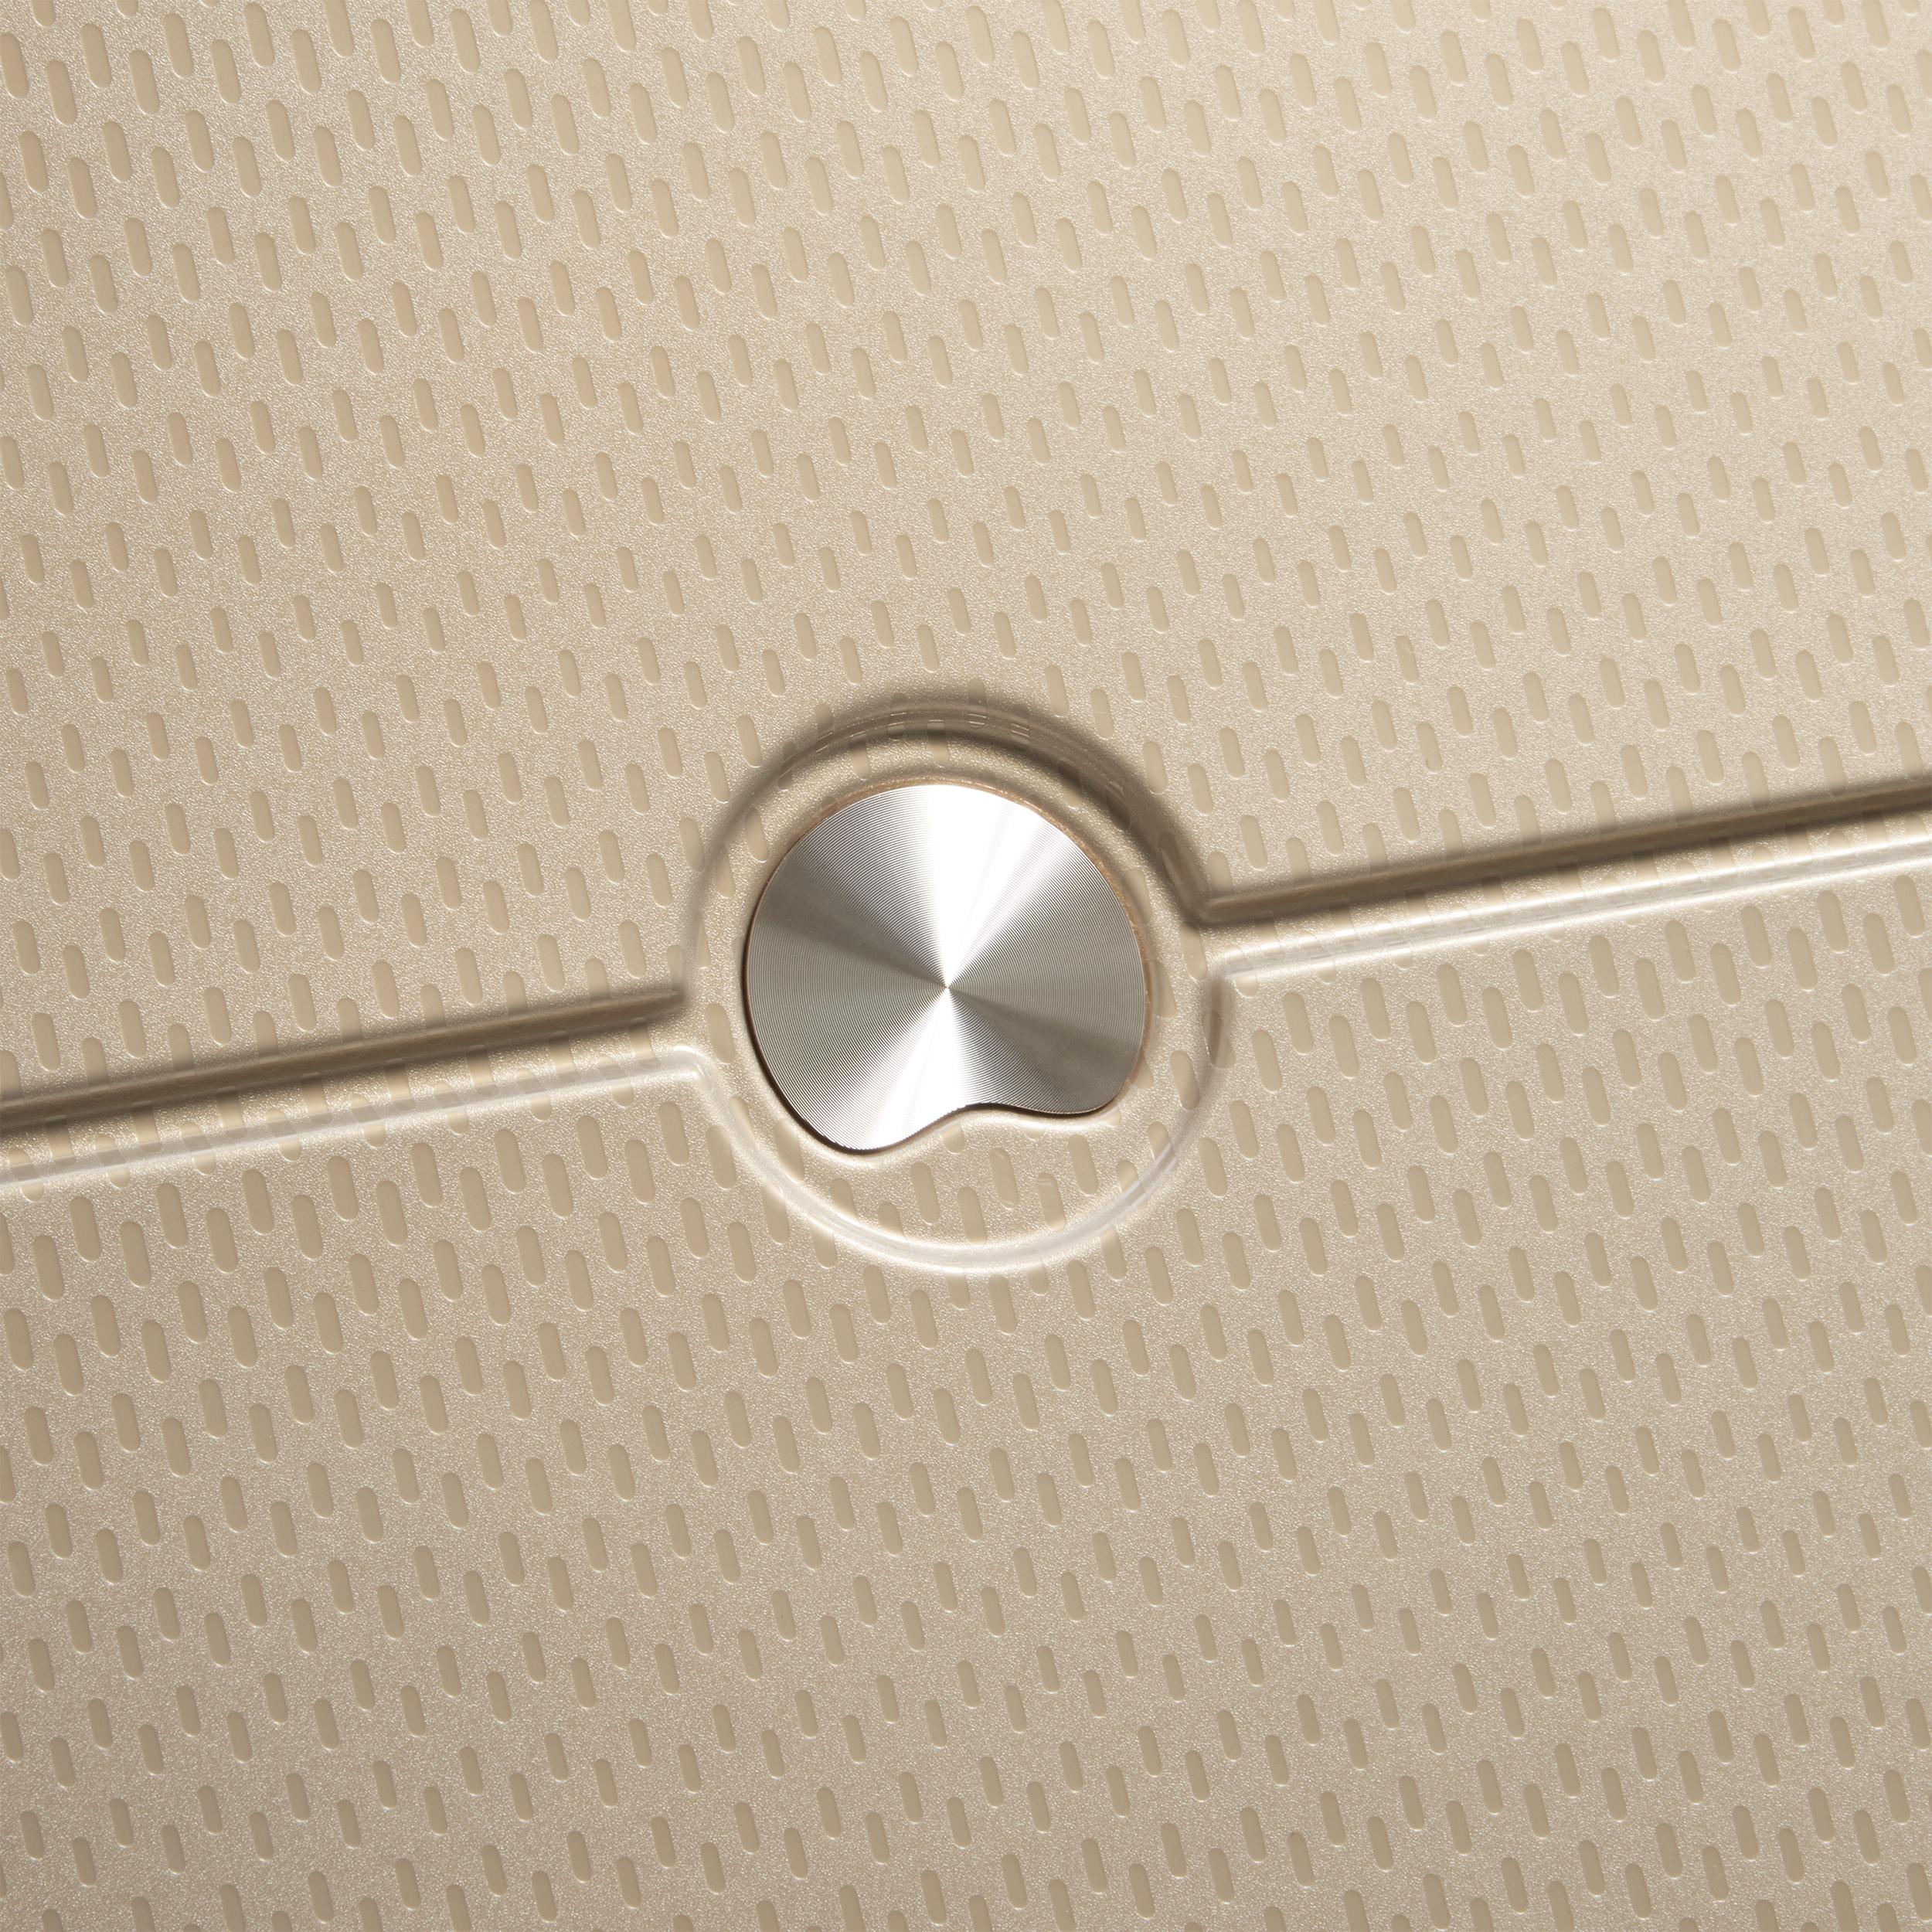 چمدان دلسی مدل TURENNE کد 1621801 سایز کوچک main 1 23